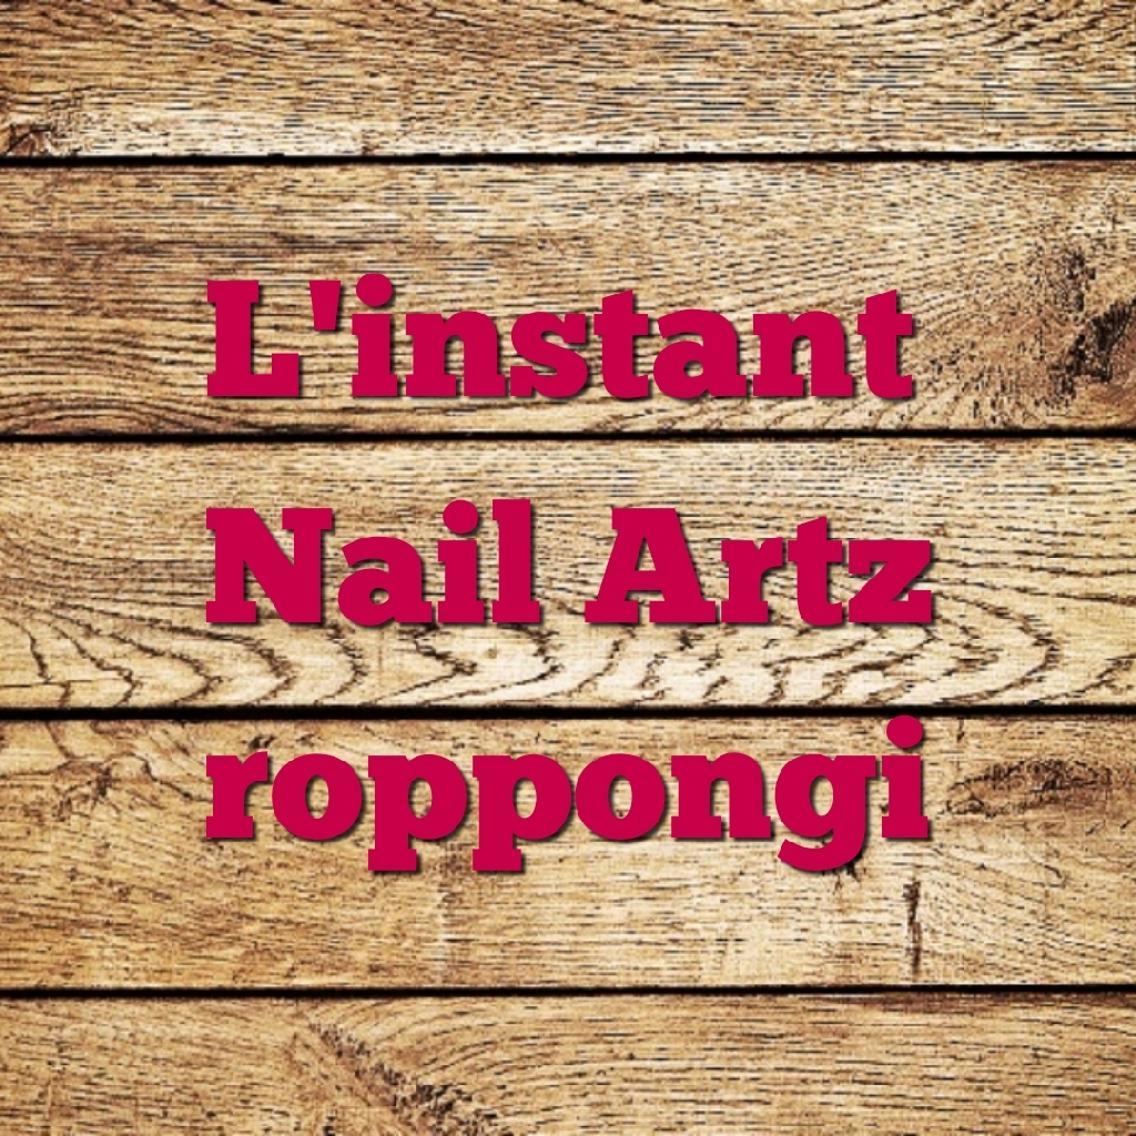 L'instant Nail Artz所属・L'instant nail artzの掲載